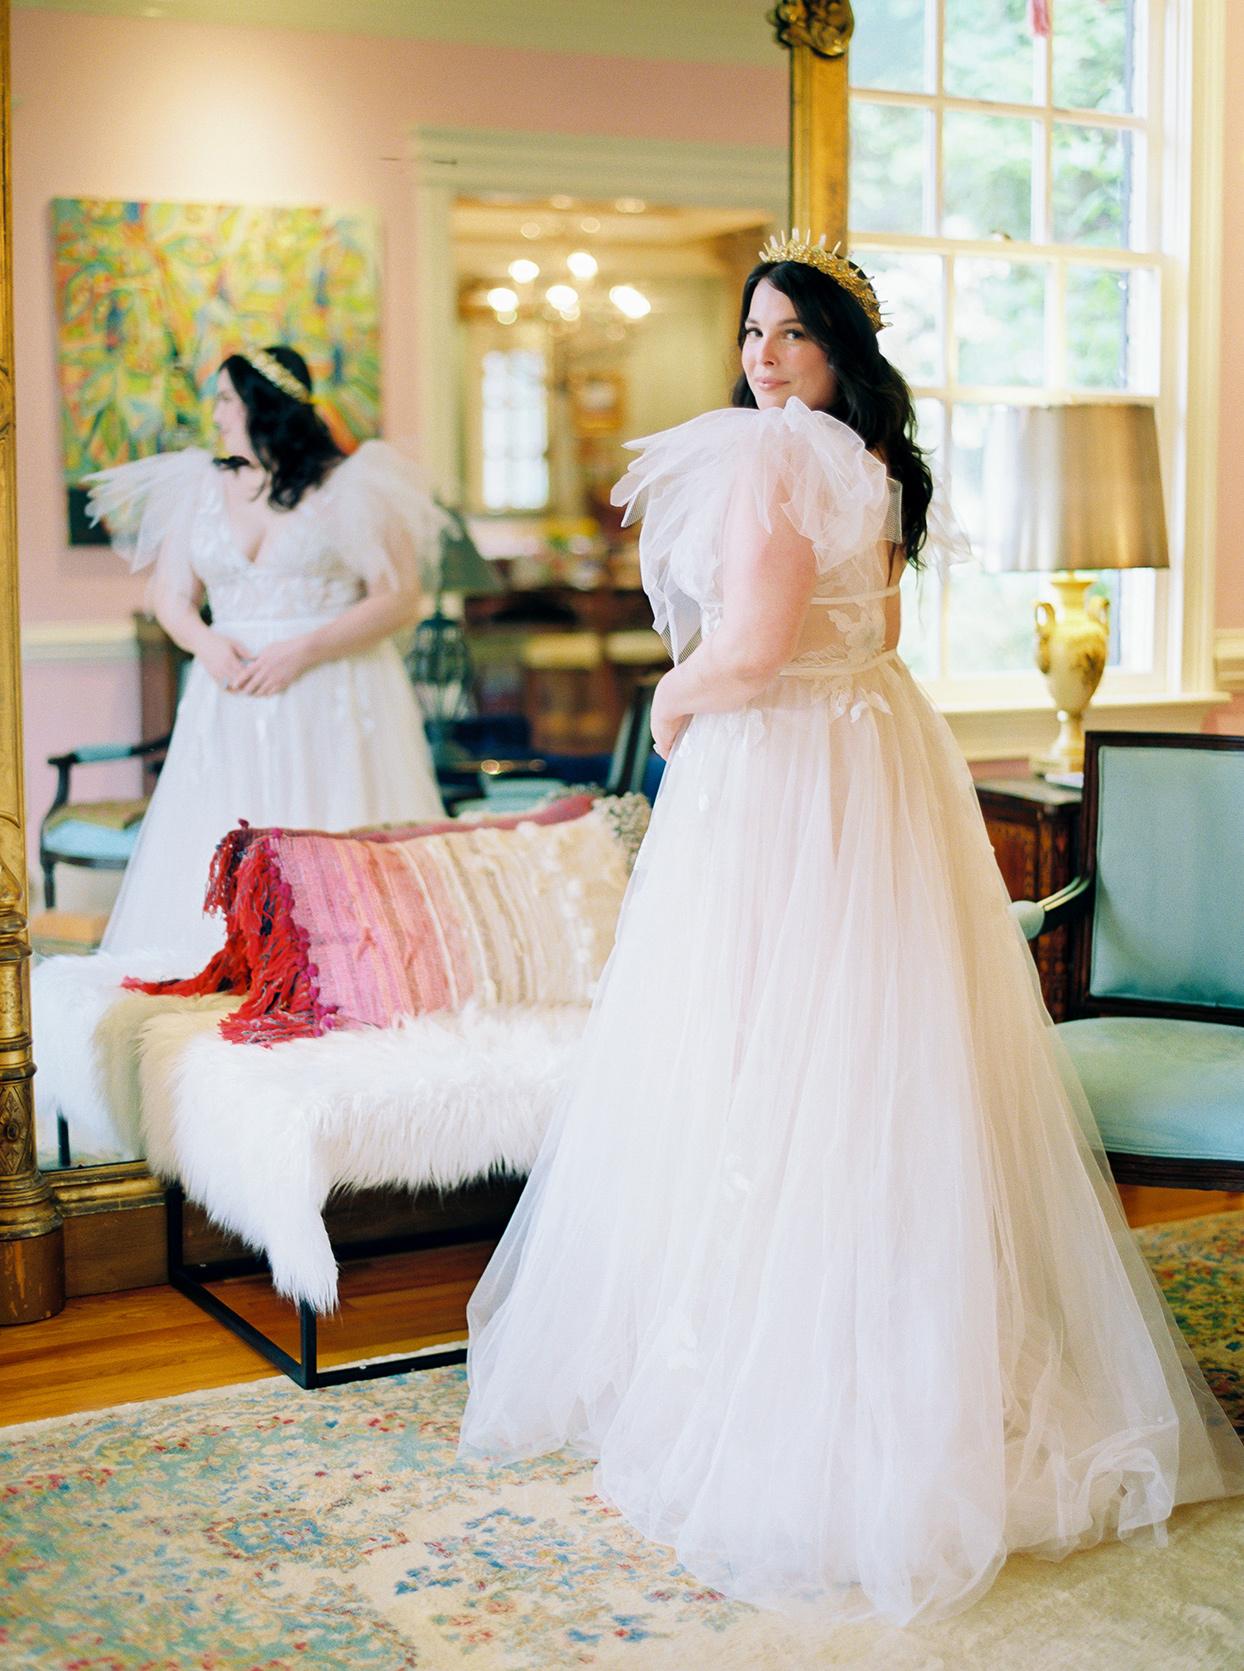 ashley scott wedding bride in fluffy dress